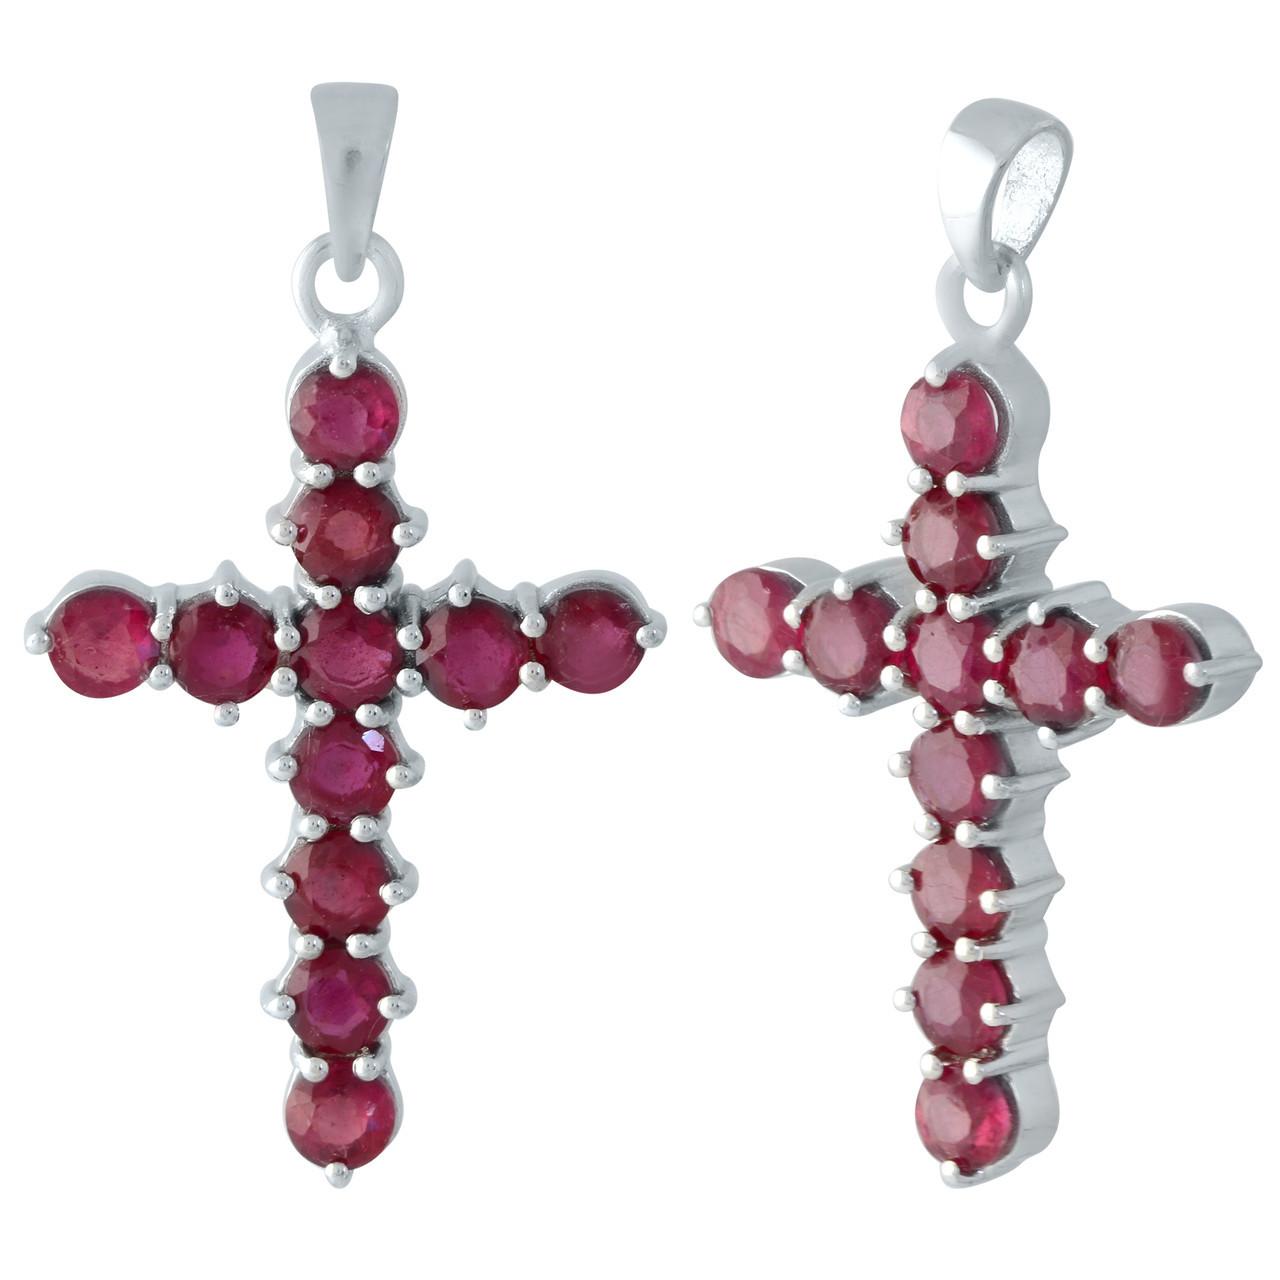 Родированный серебряный крестик 925 пробы с рубином